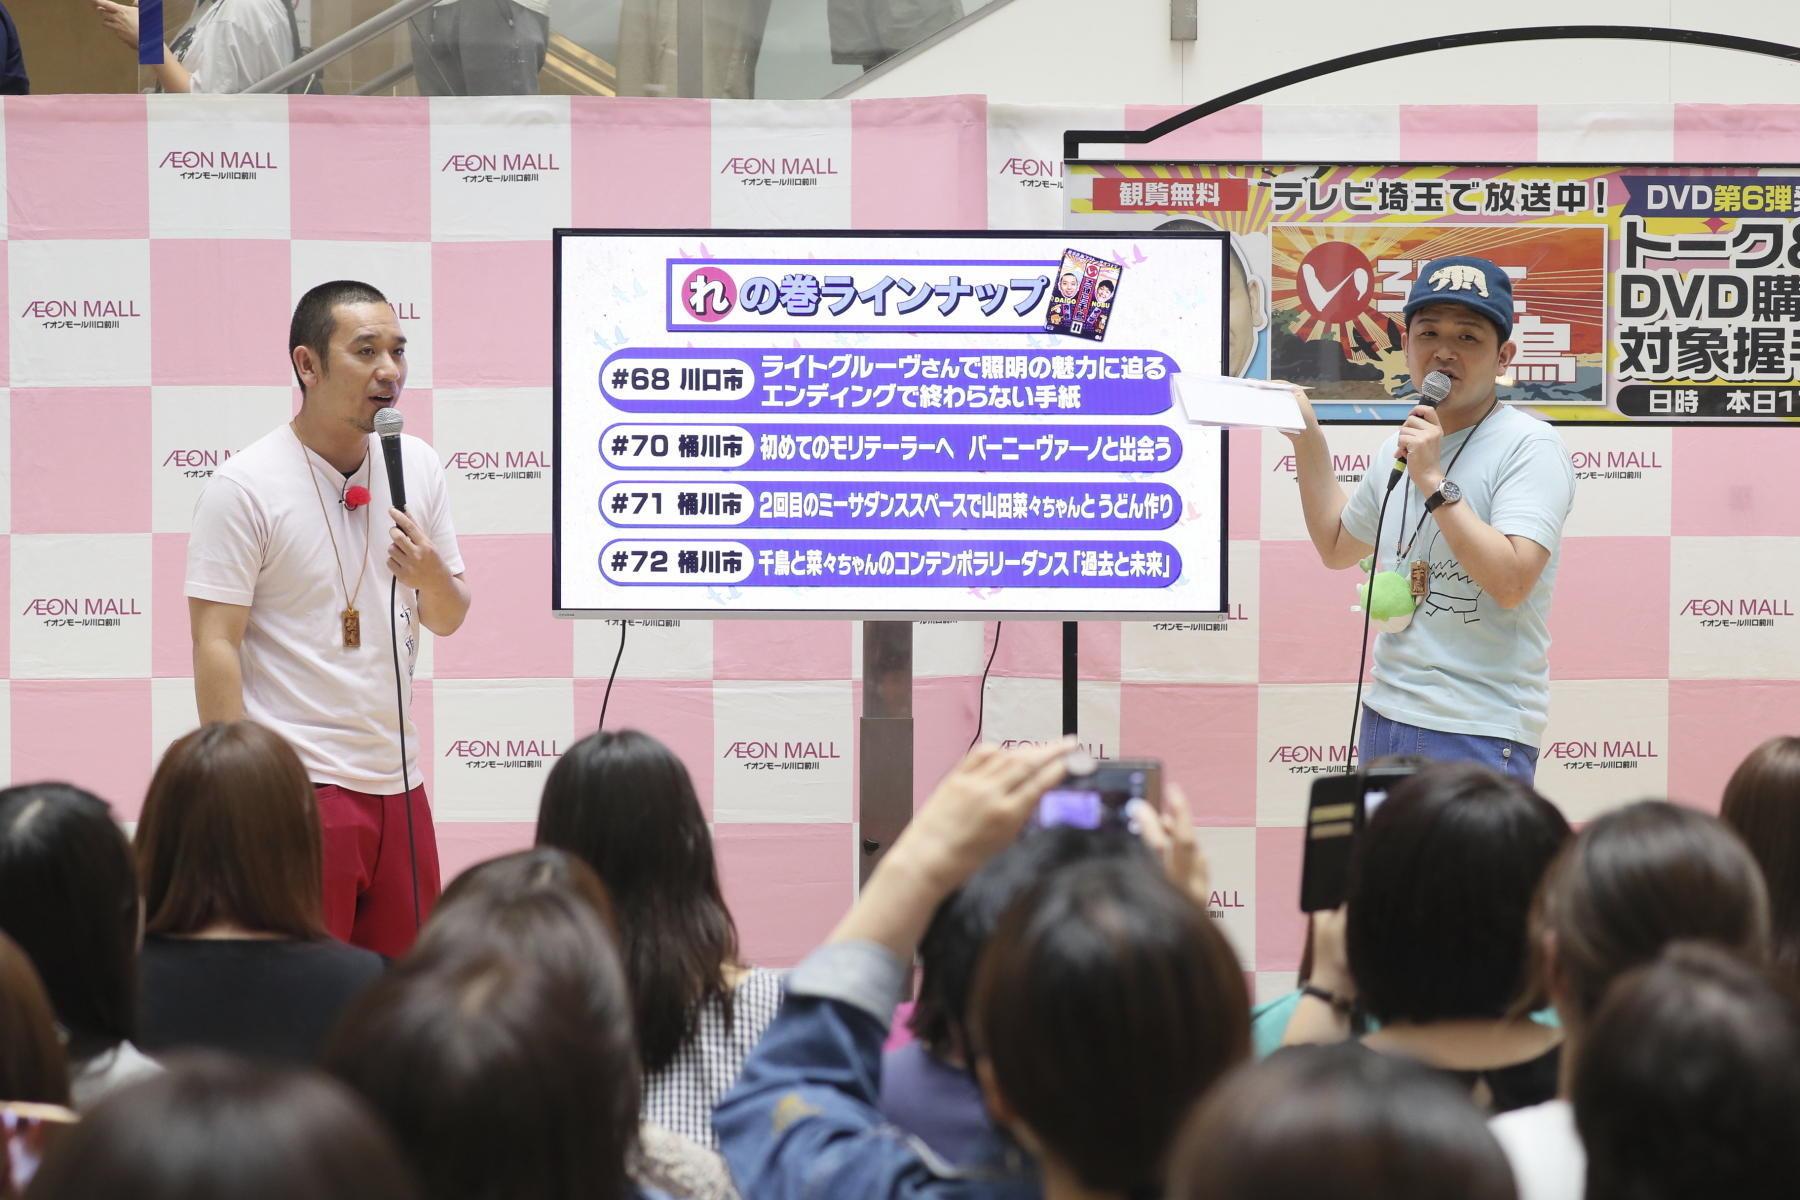 http://news.yoshimoto.co.jp/20180531130235-a4a3f475f314ea9d12ba7831752a0b2892874cb7.jpg